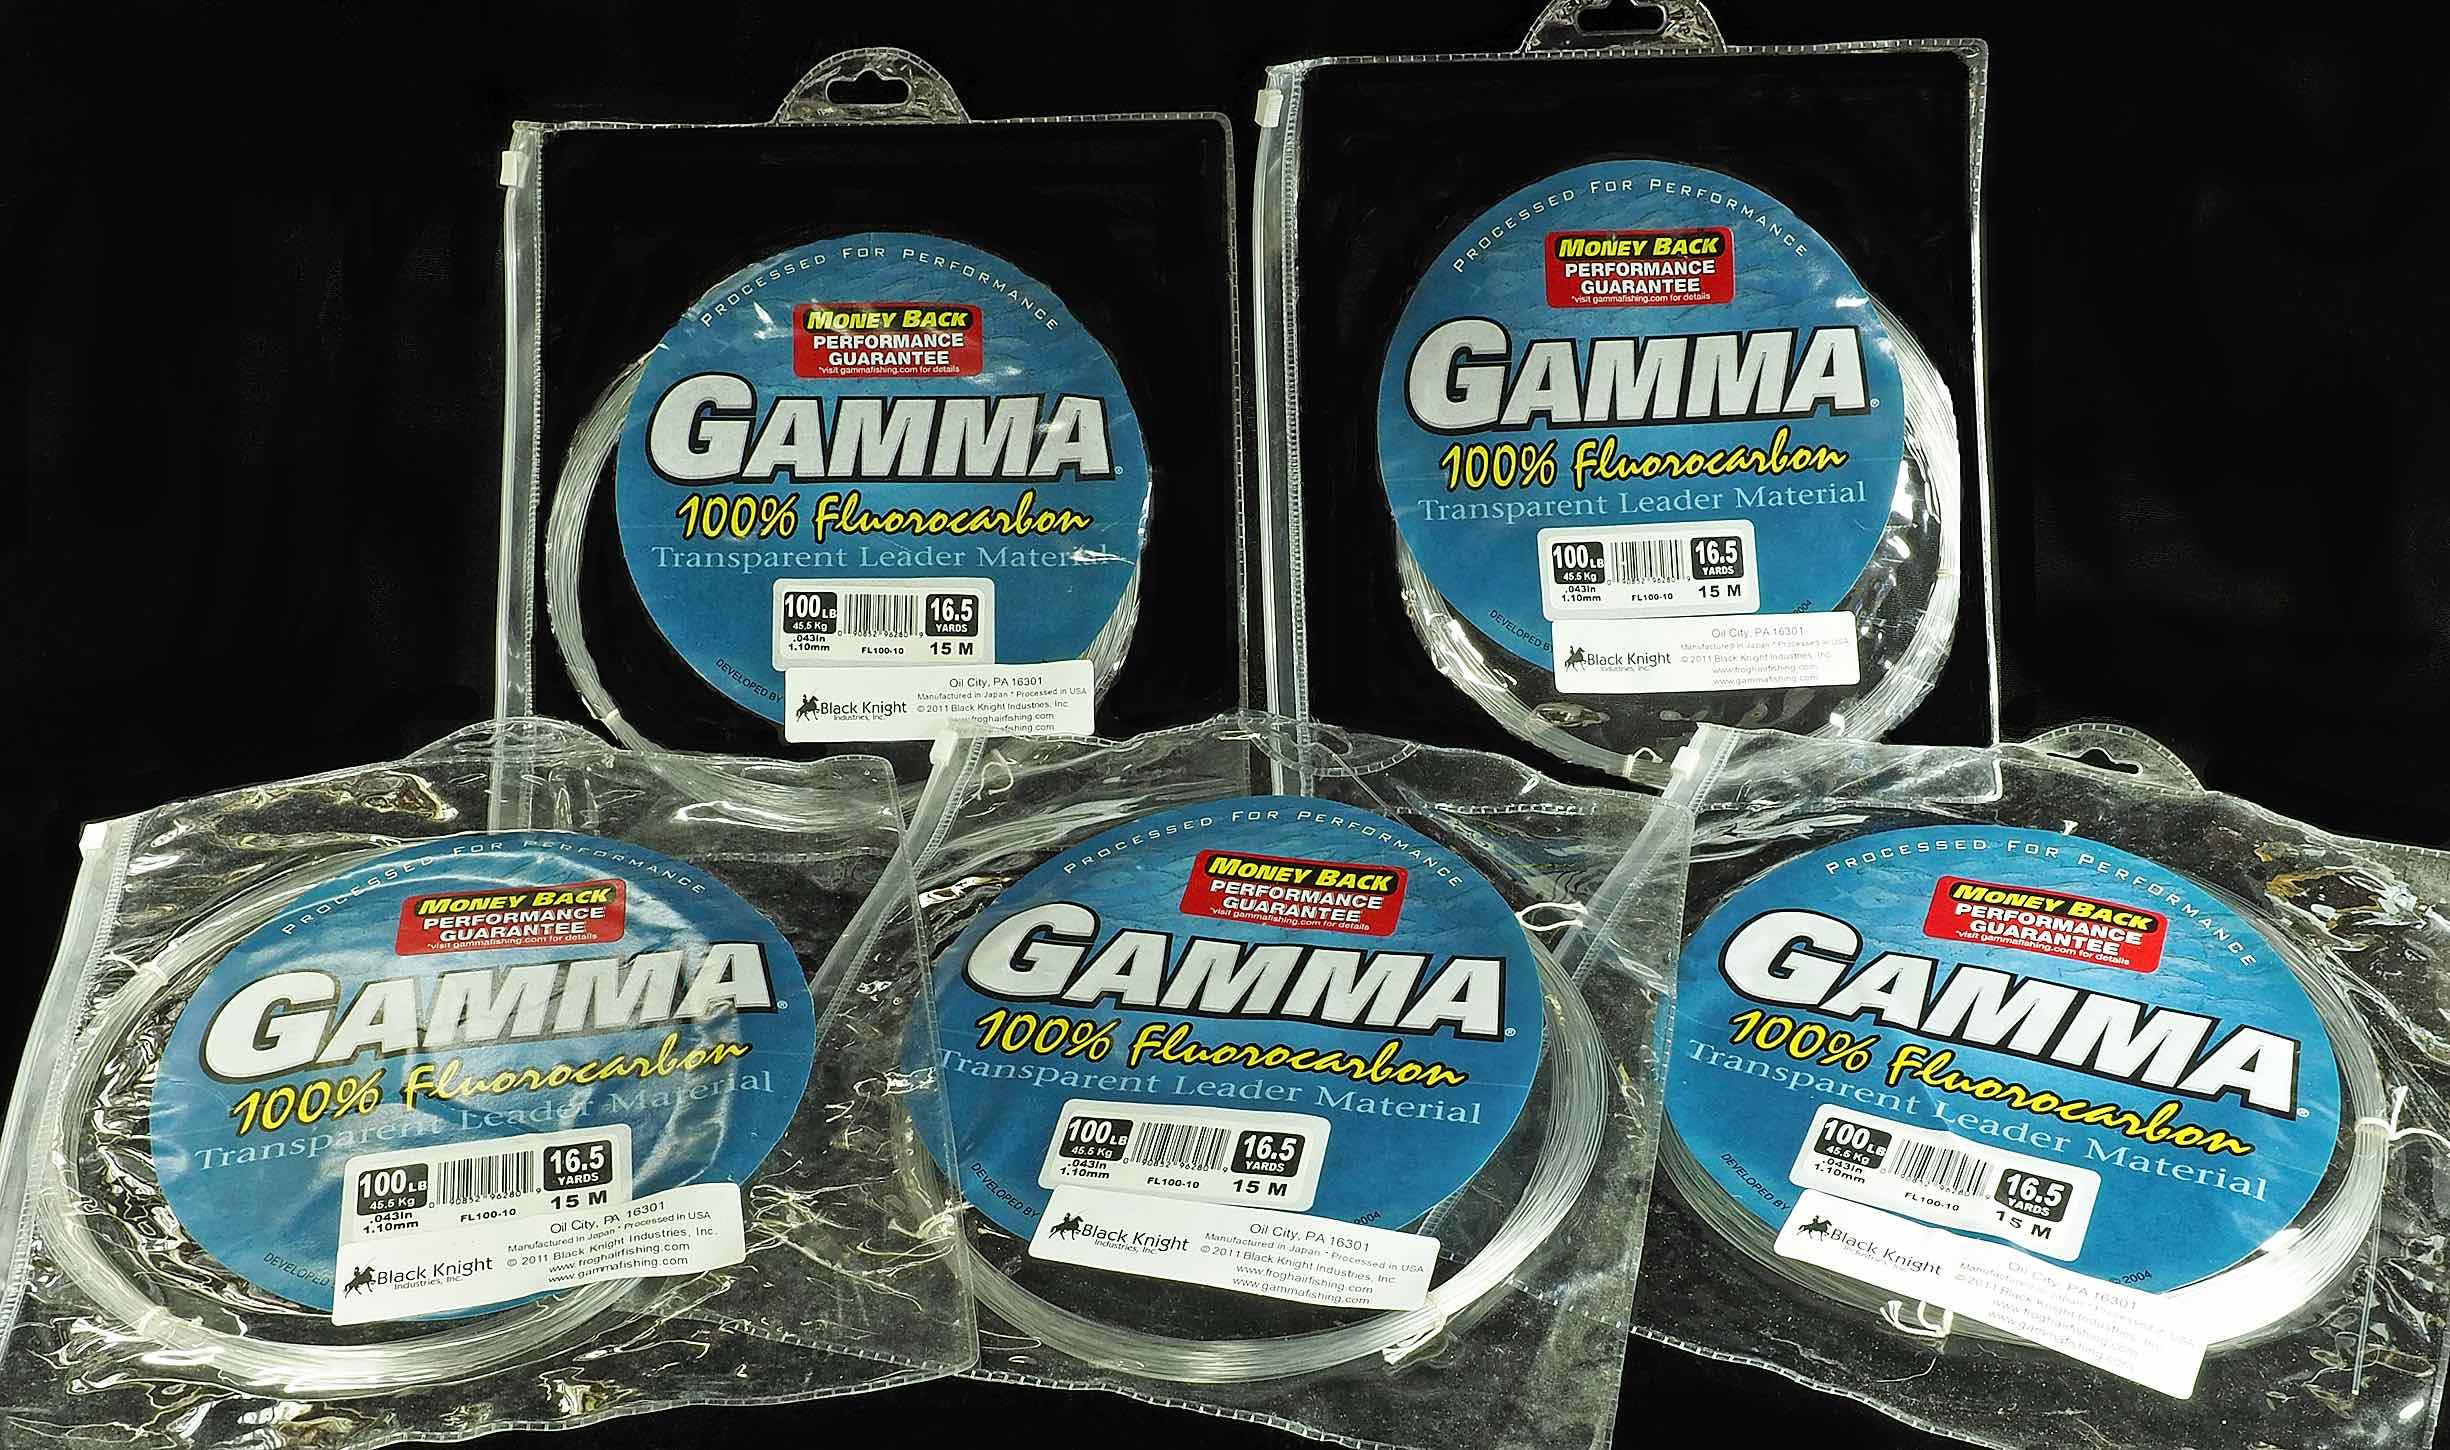 GAMMA Transparent Leader100% Fluorocarbon Line - 100lb Test